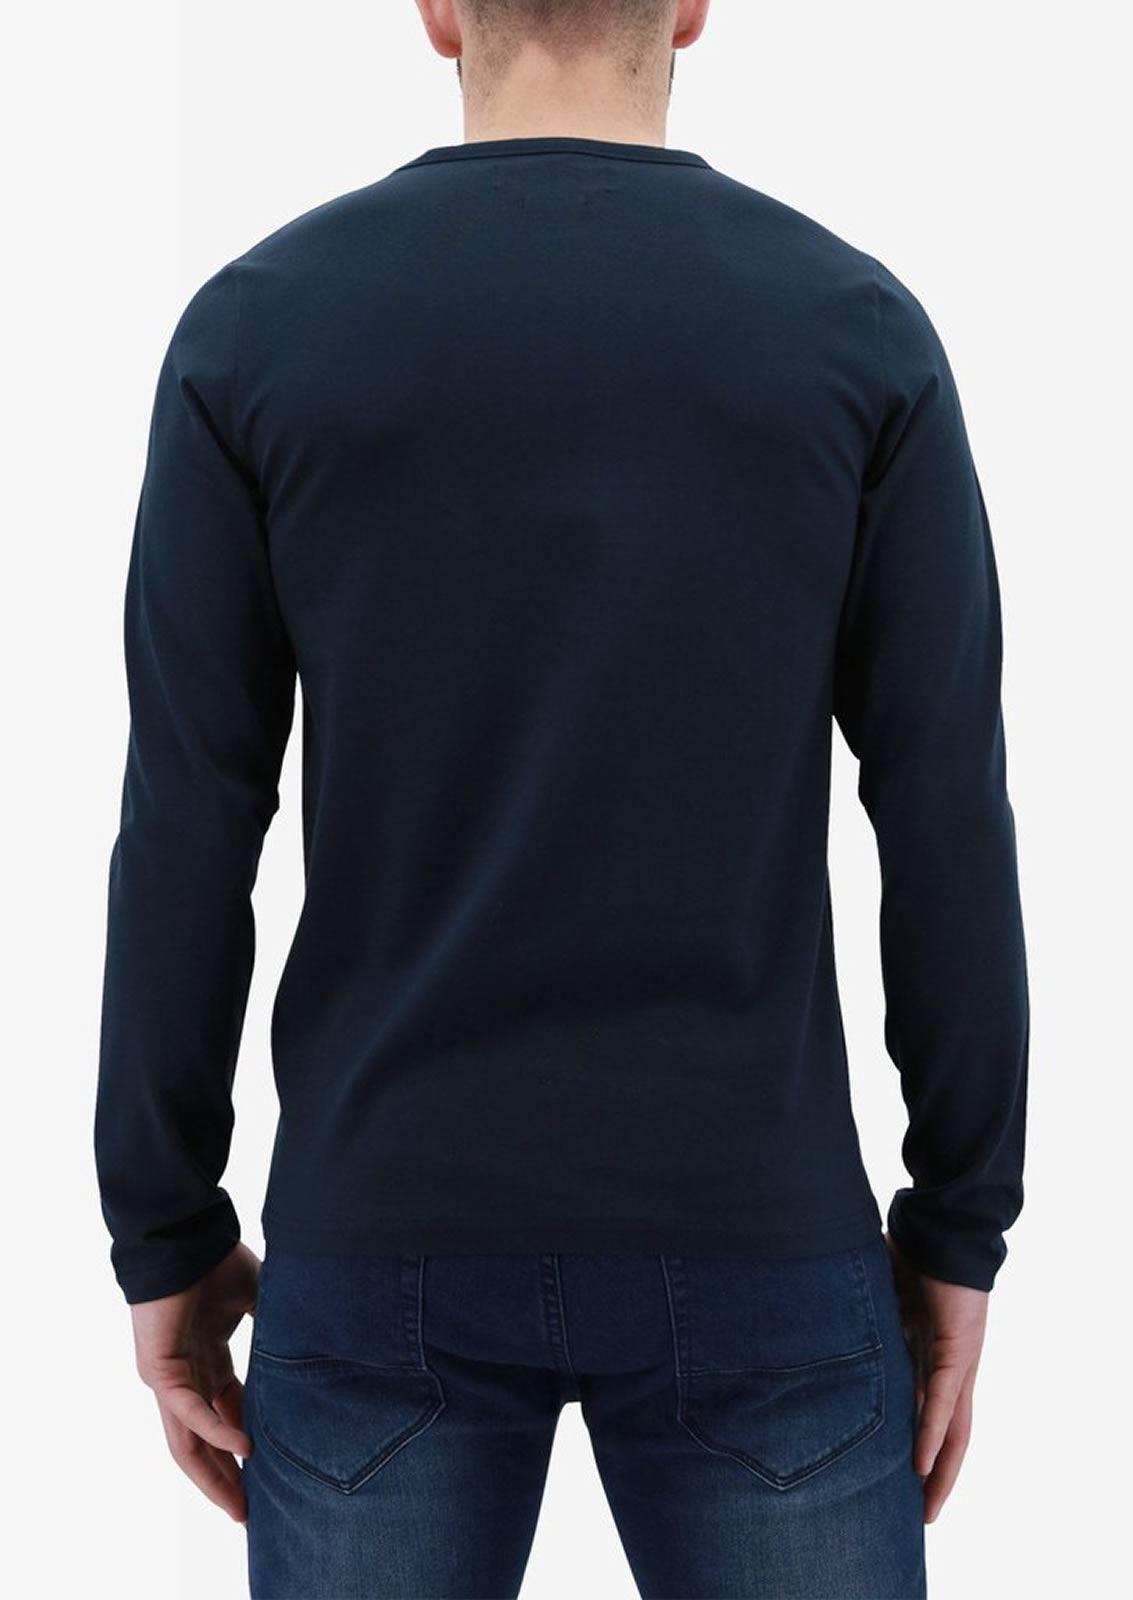 Ne-riche-par-l-039-argent-vetements-jaspe-sanguin-Hommes-T-Shirt-a-Manches-Longues-V-Neck-Tee miniature 12